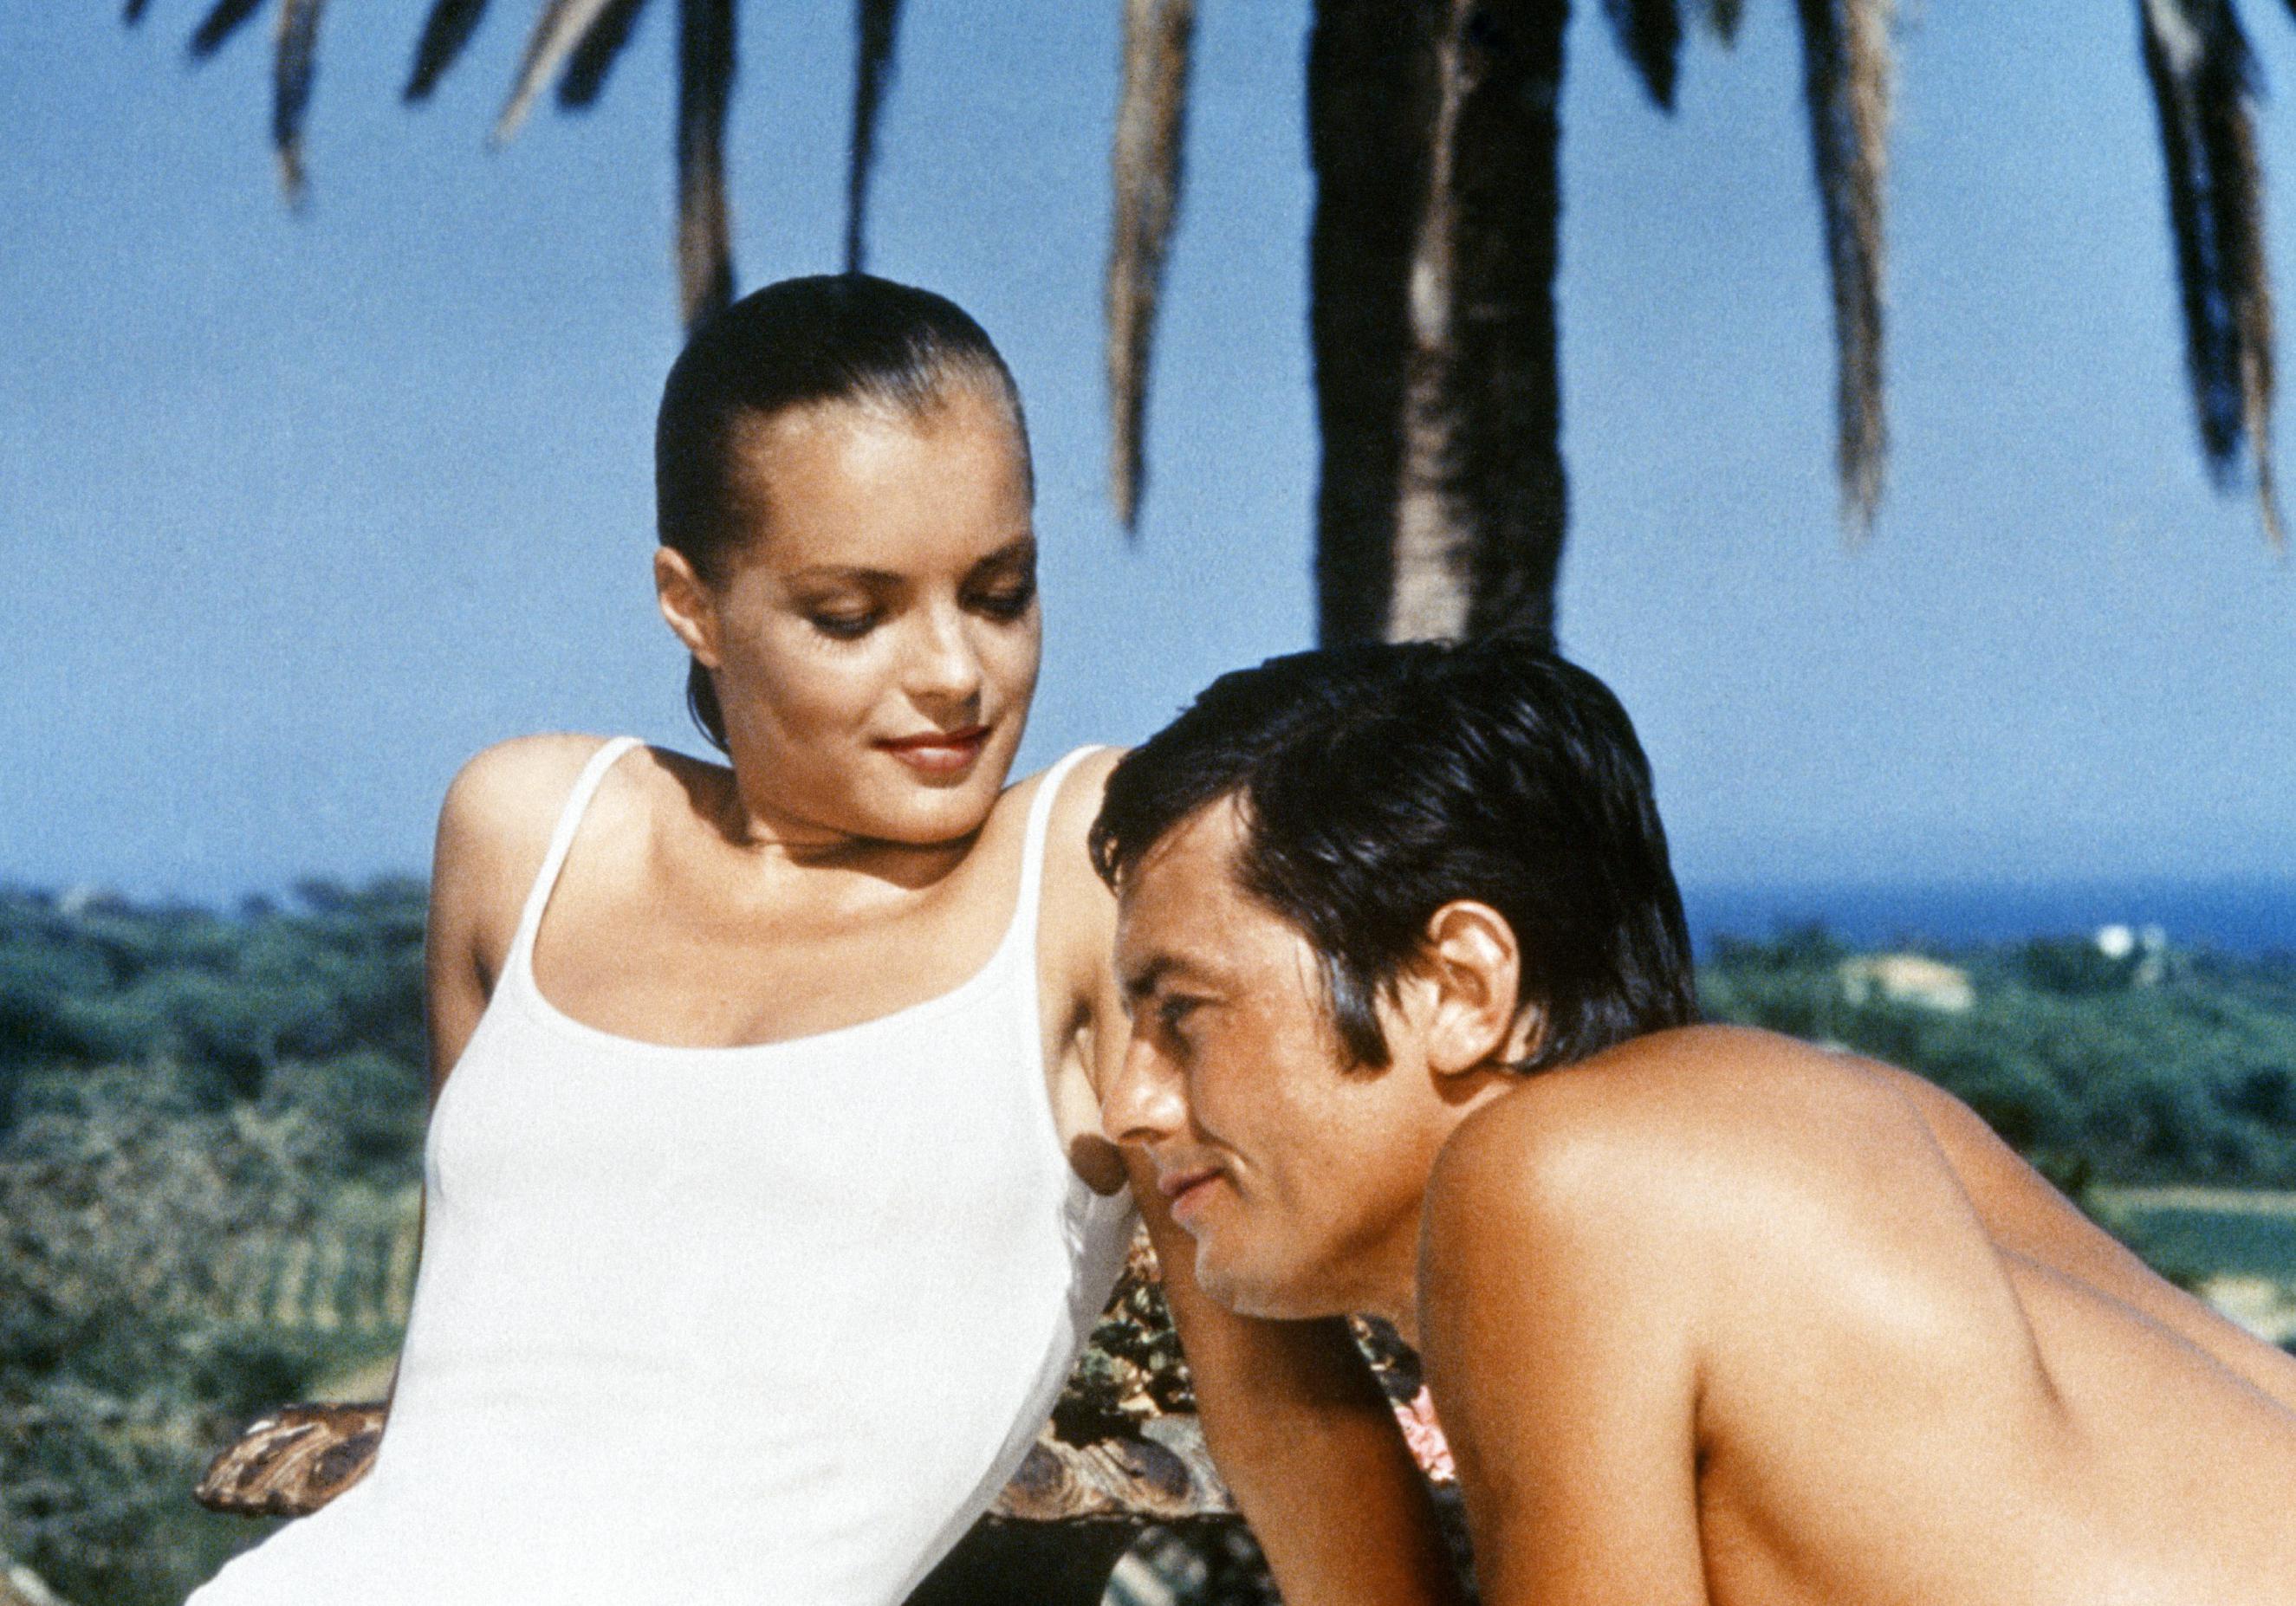 Notre film culte du dimanche la piscine de jacques deray 1969 elle - Maison du film la piscine ...